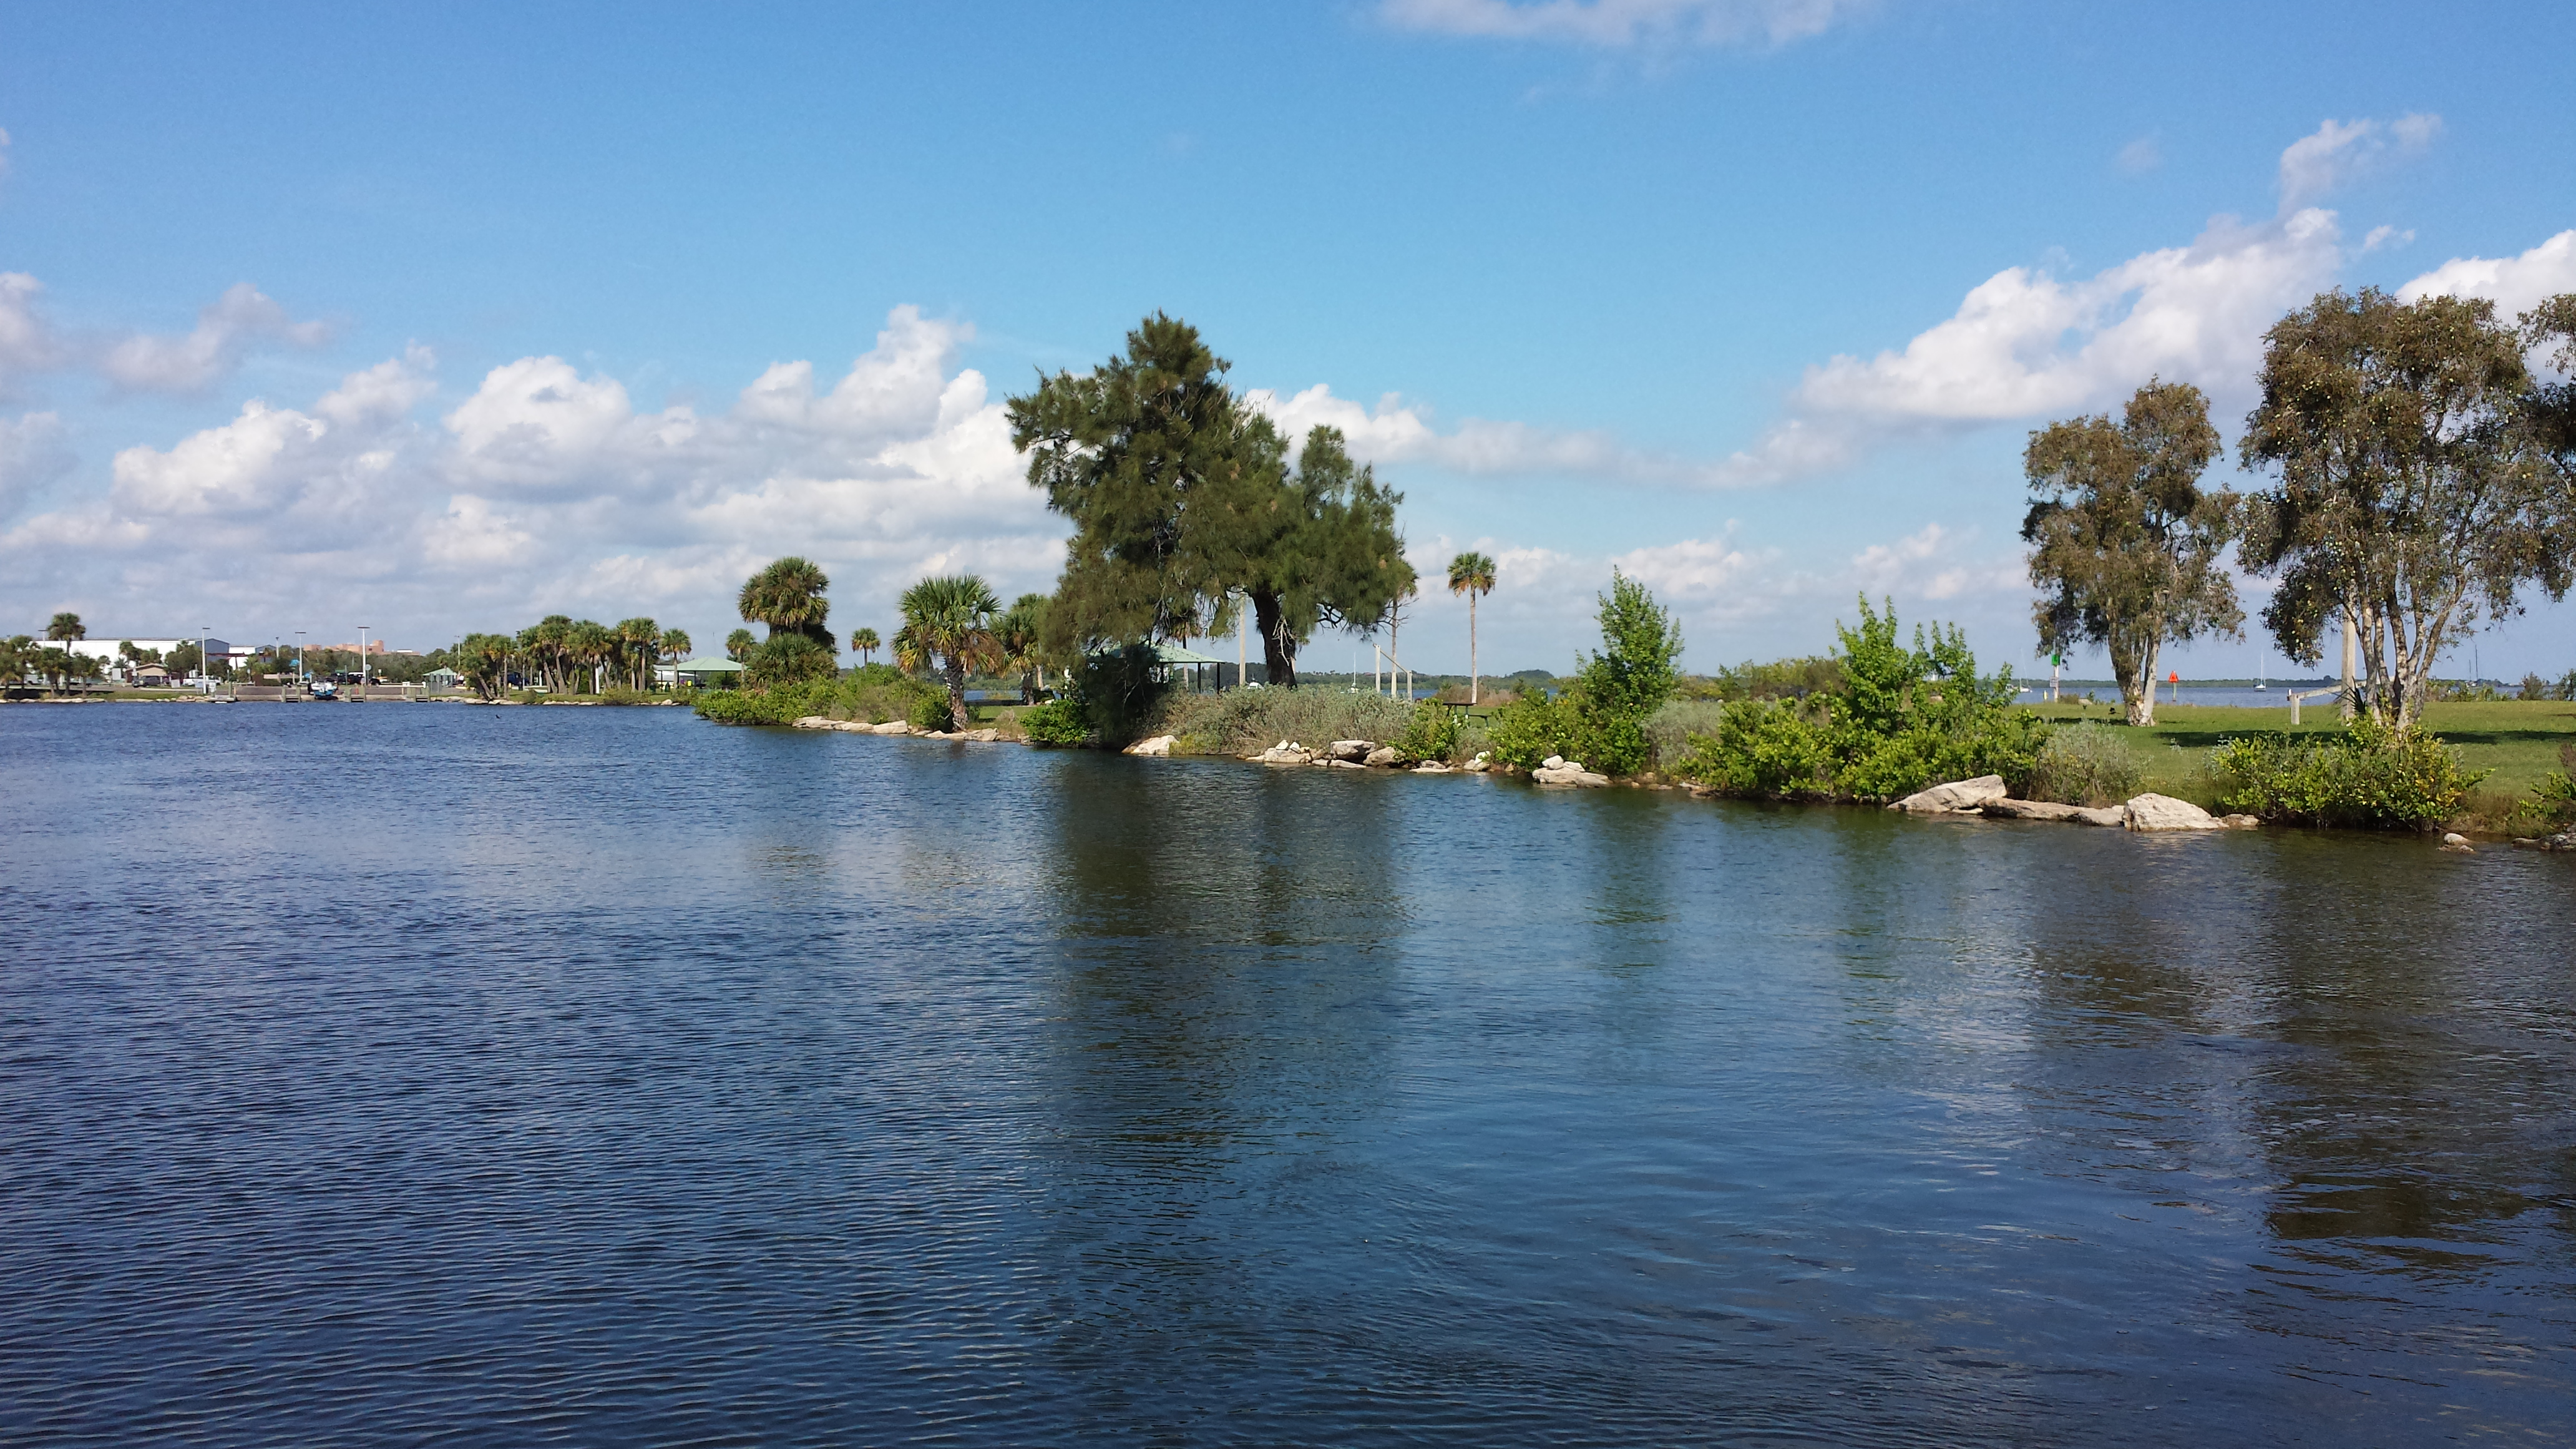 Titusville Marina image 7